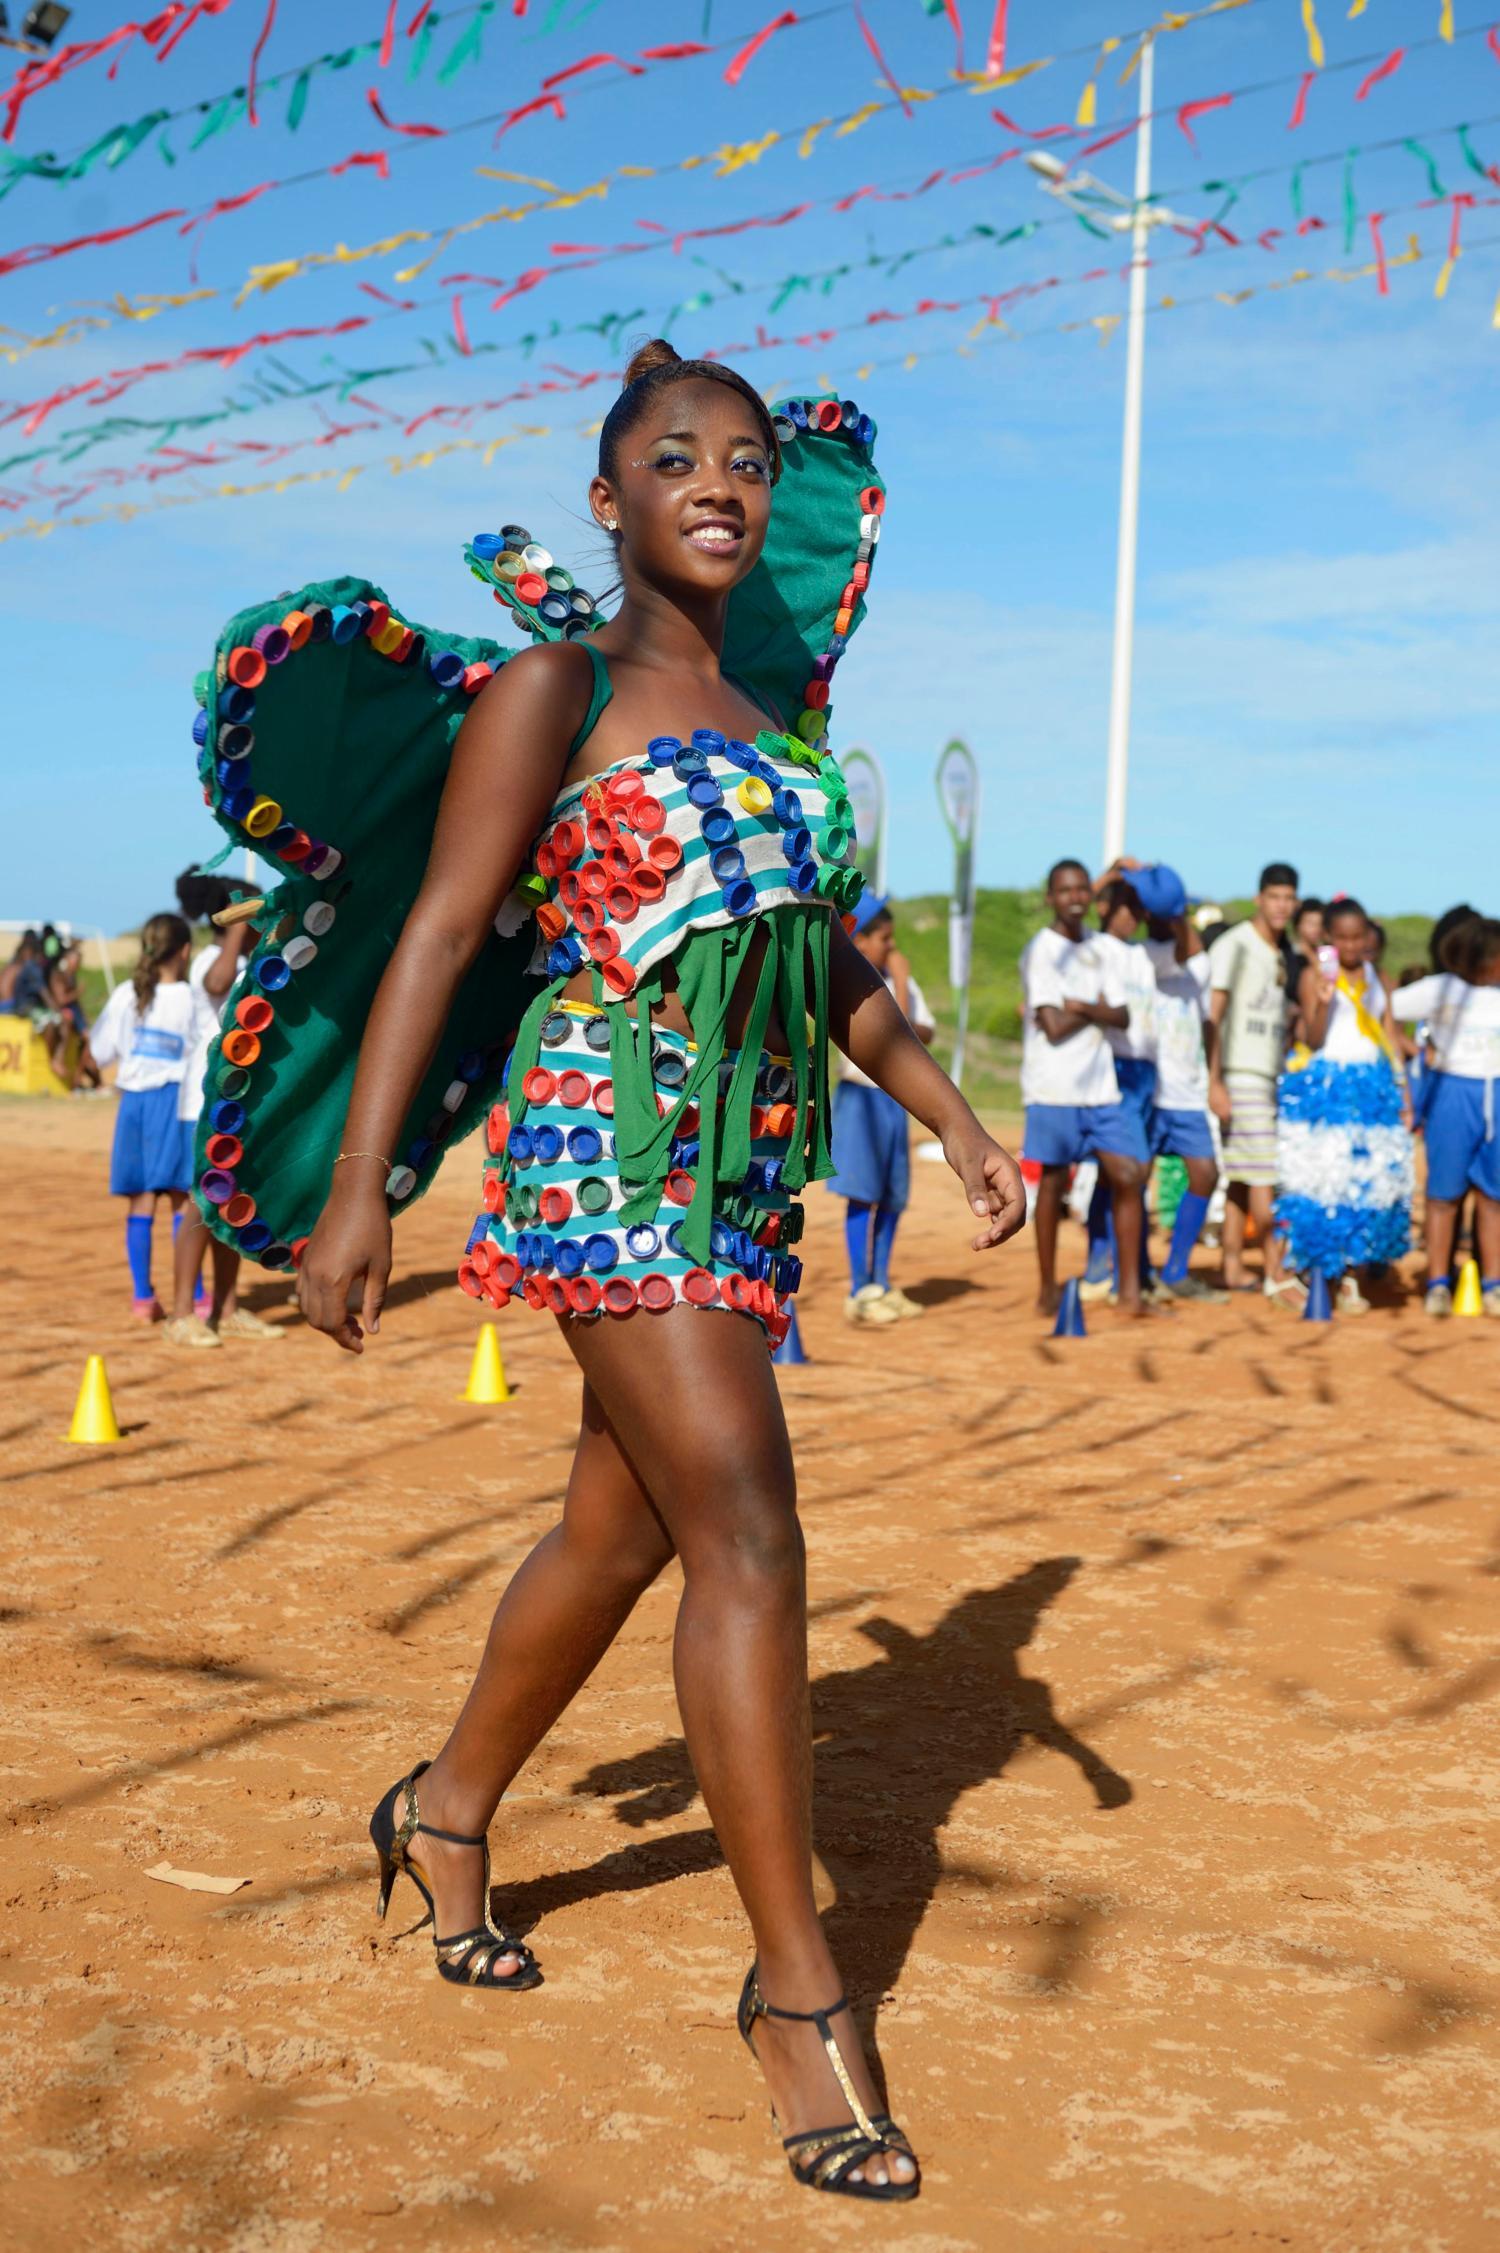 пухленькие бразильские женщины